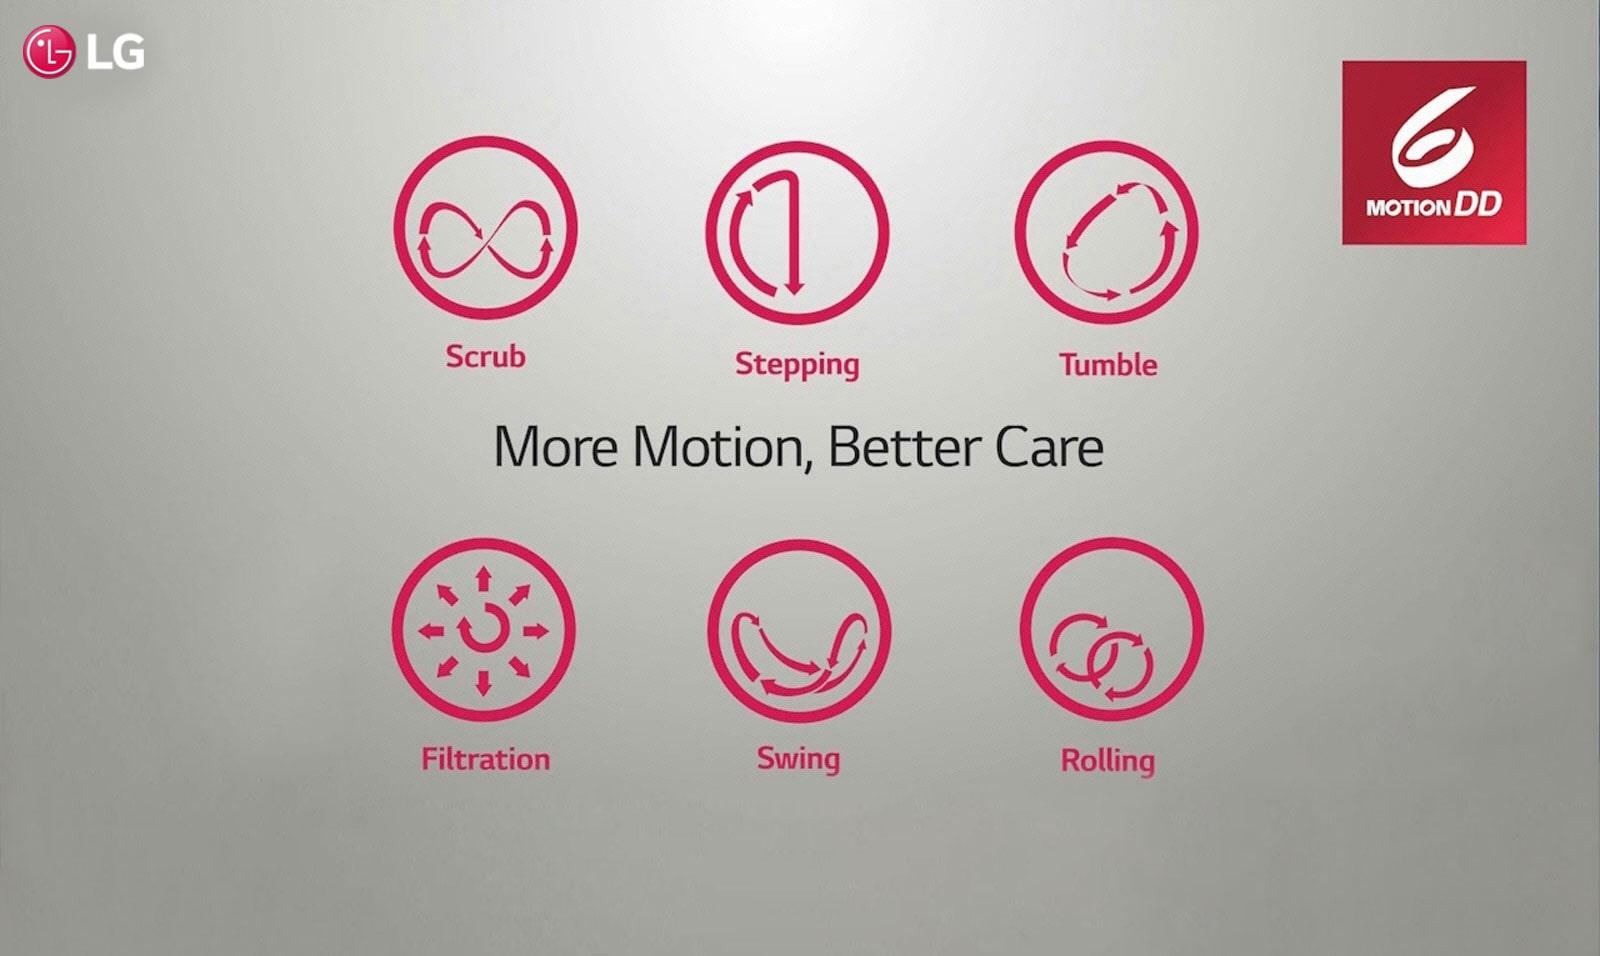 LG FHT1065HNL More Motion Better Care